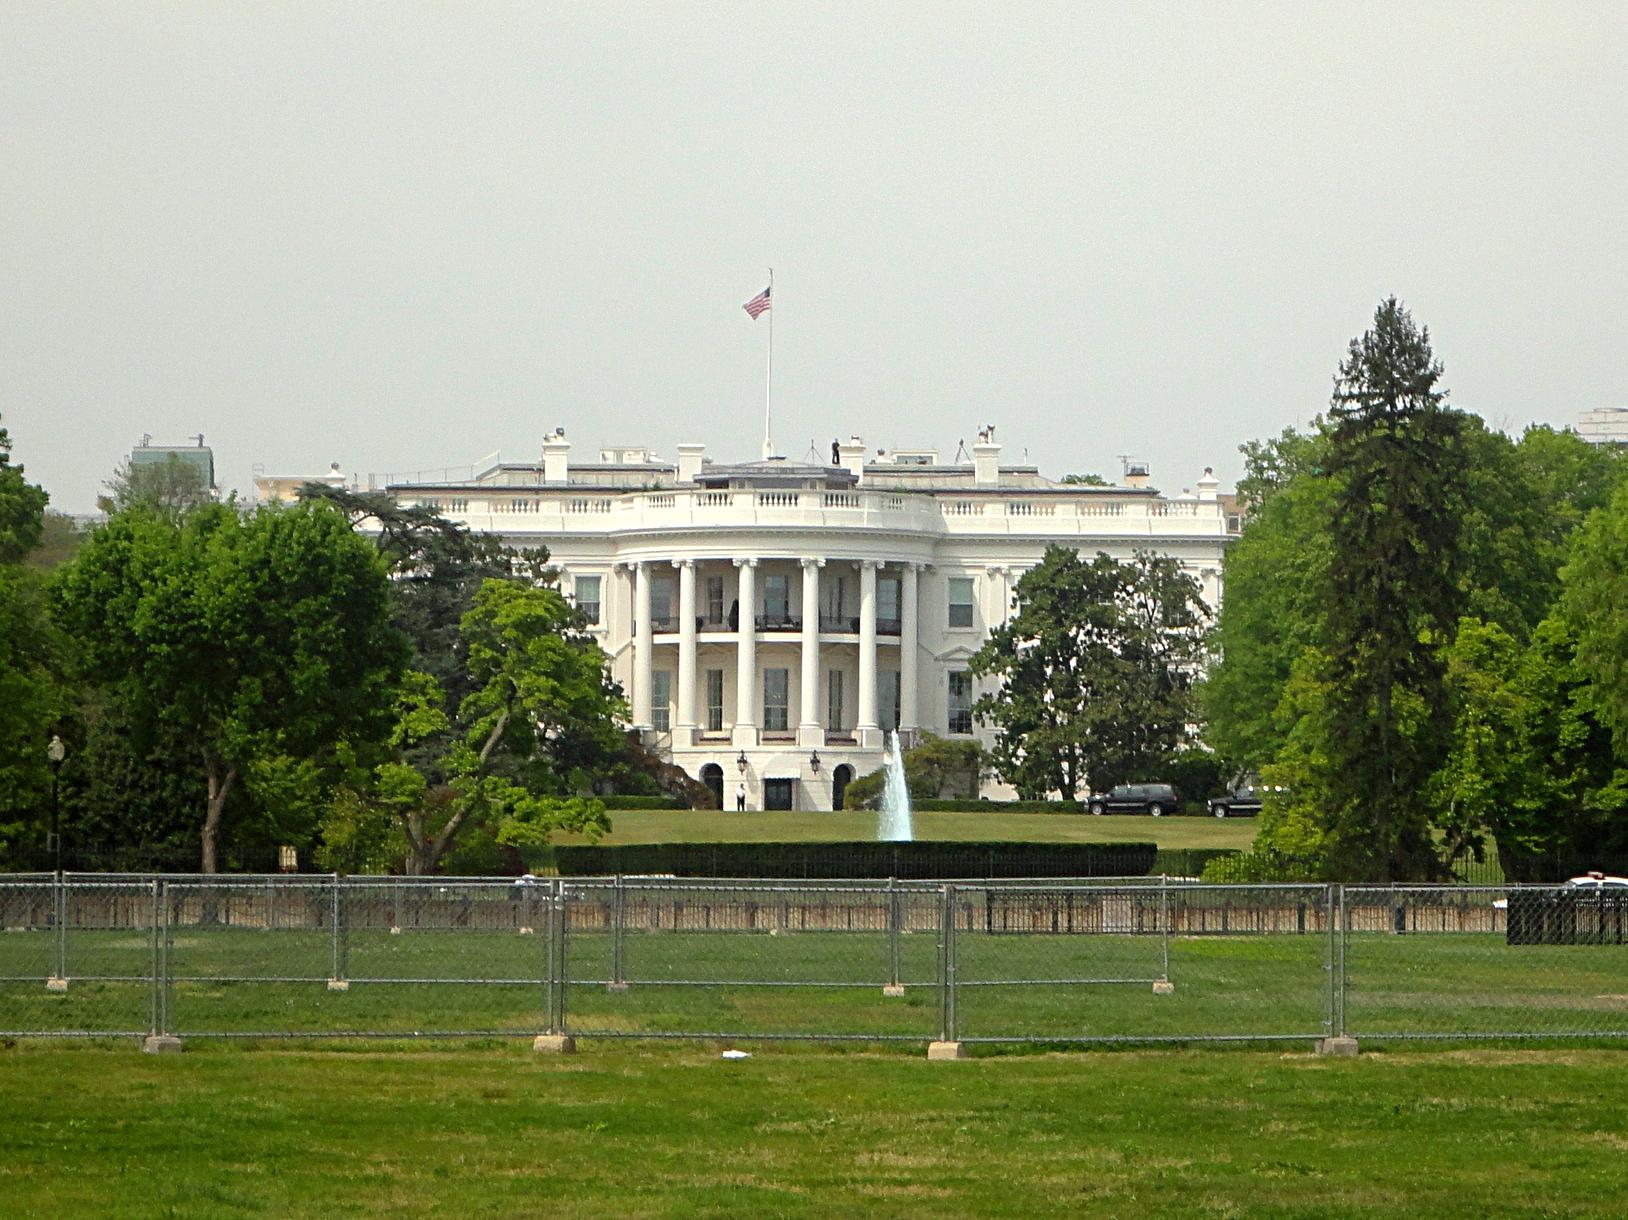 De la maison blanche que lon peut approcher plus facilement mais la photo la plus classique connue est celle de la facade sud coté parc et jardins